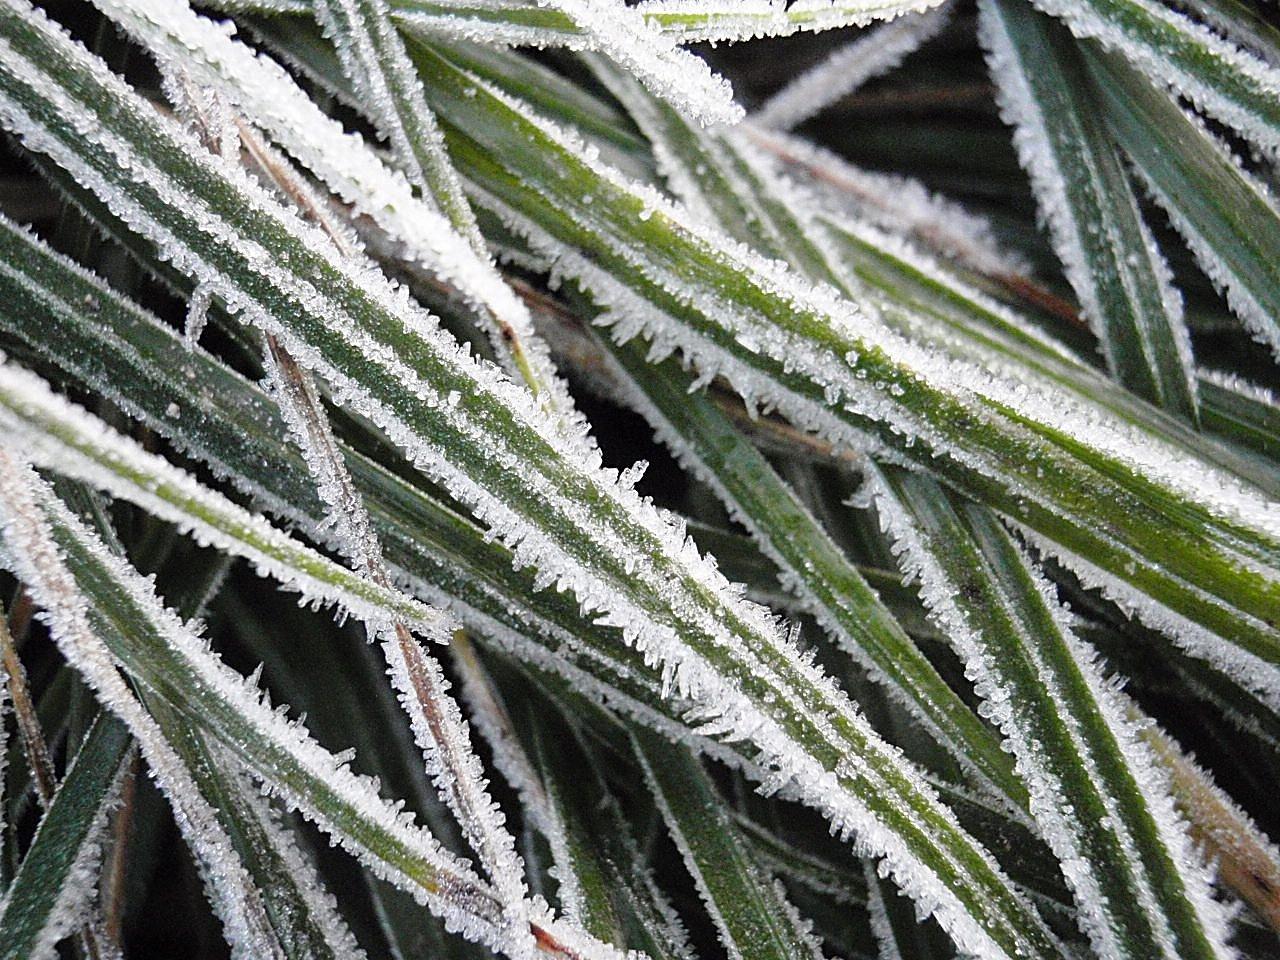 1.října přišel první letošní ranní mrazík, který ozdobil trávu, ochladil půdu a přesvědčil první listnáče, že je na čase začít svlékatkabát.